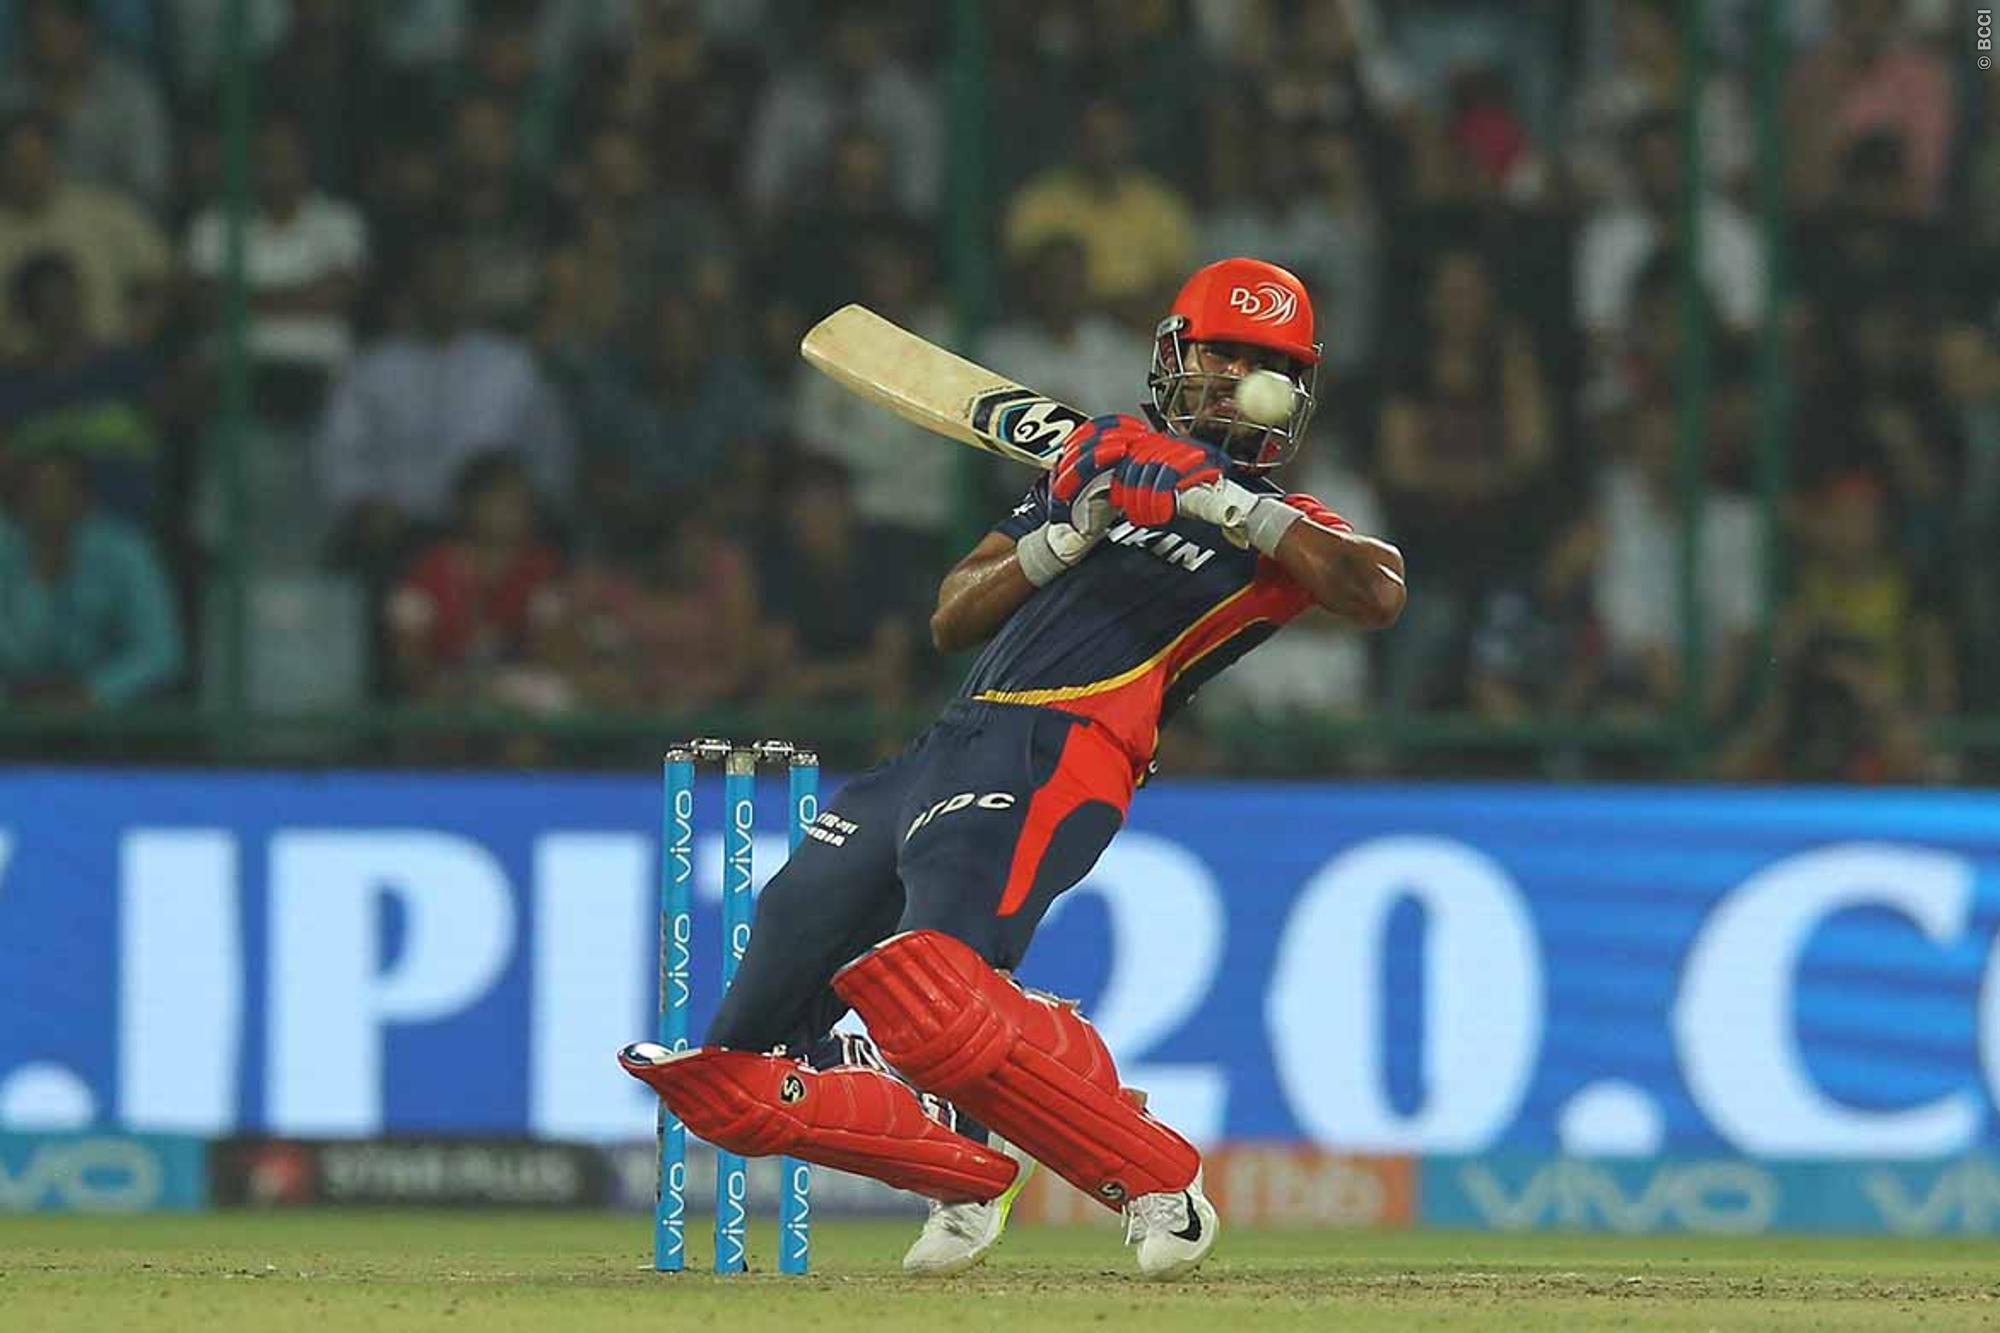 किसने क्या कहा: क्रिकेट दिग्गज से लेकर बॉलीवुड हुआ दिल्ली की जीत से खुश, कोलकाता का मजाक बनाते हुए आये ऐसे कमेन्ट देख हंसी नहीं रोक पायेंगे आप 49